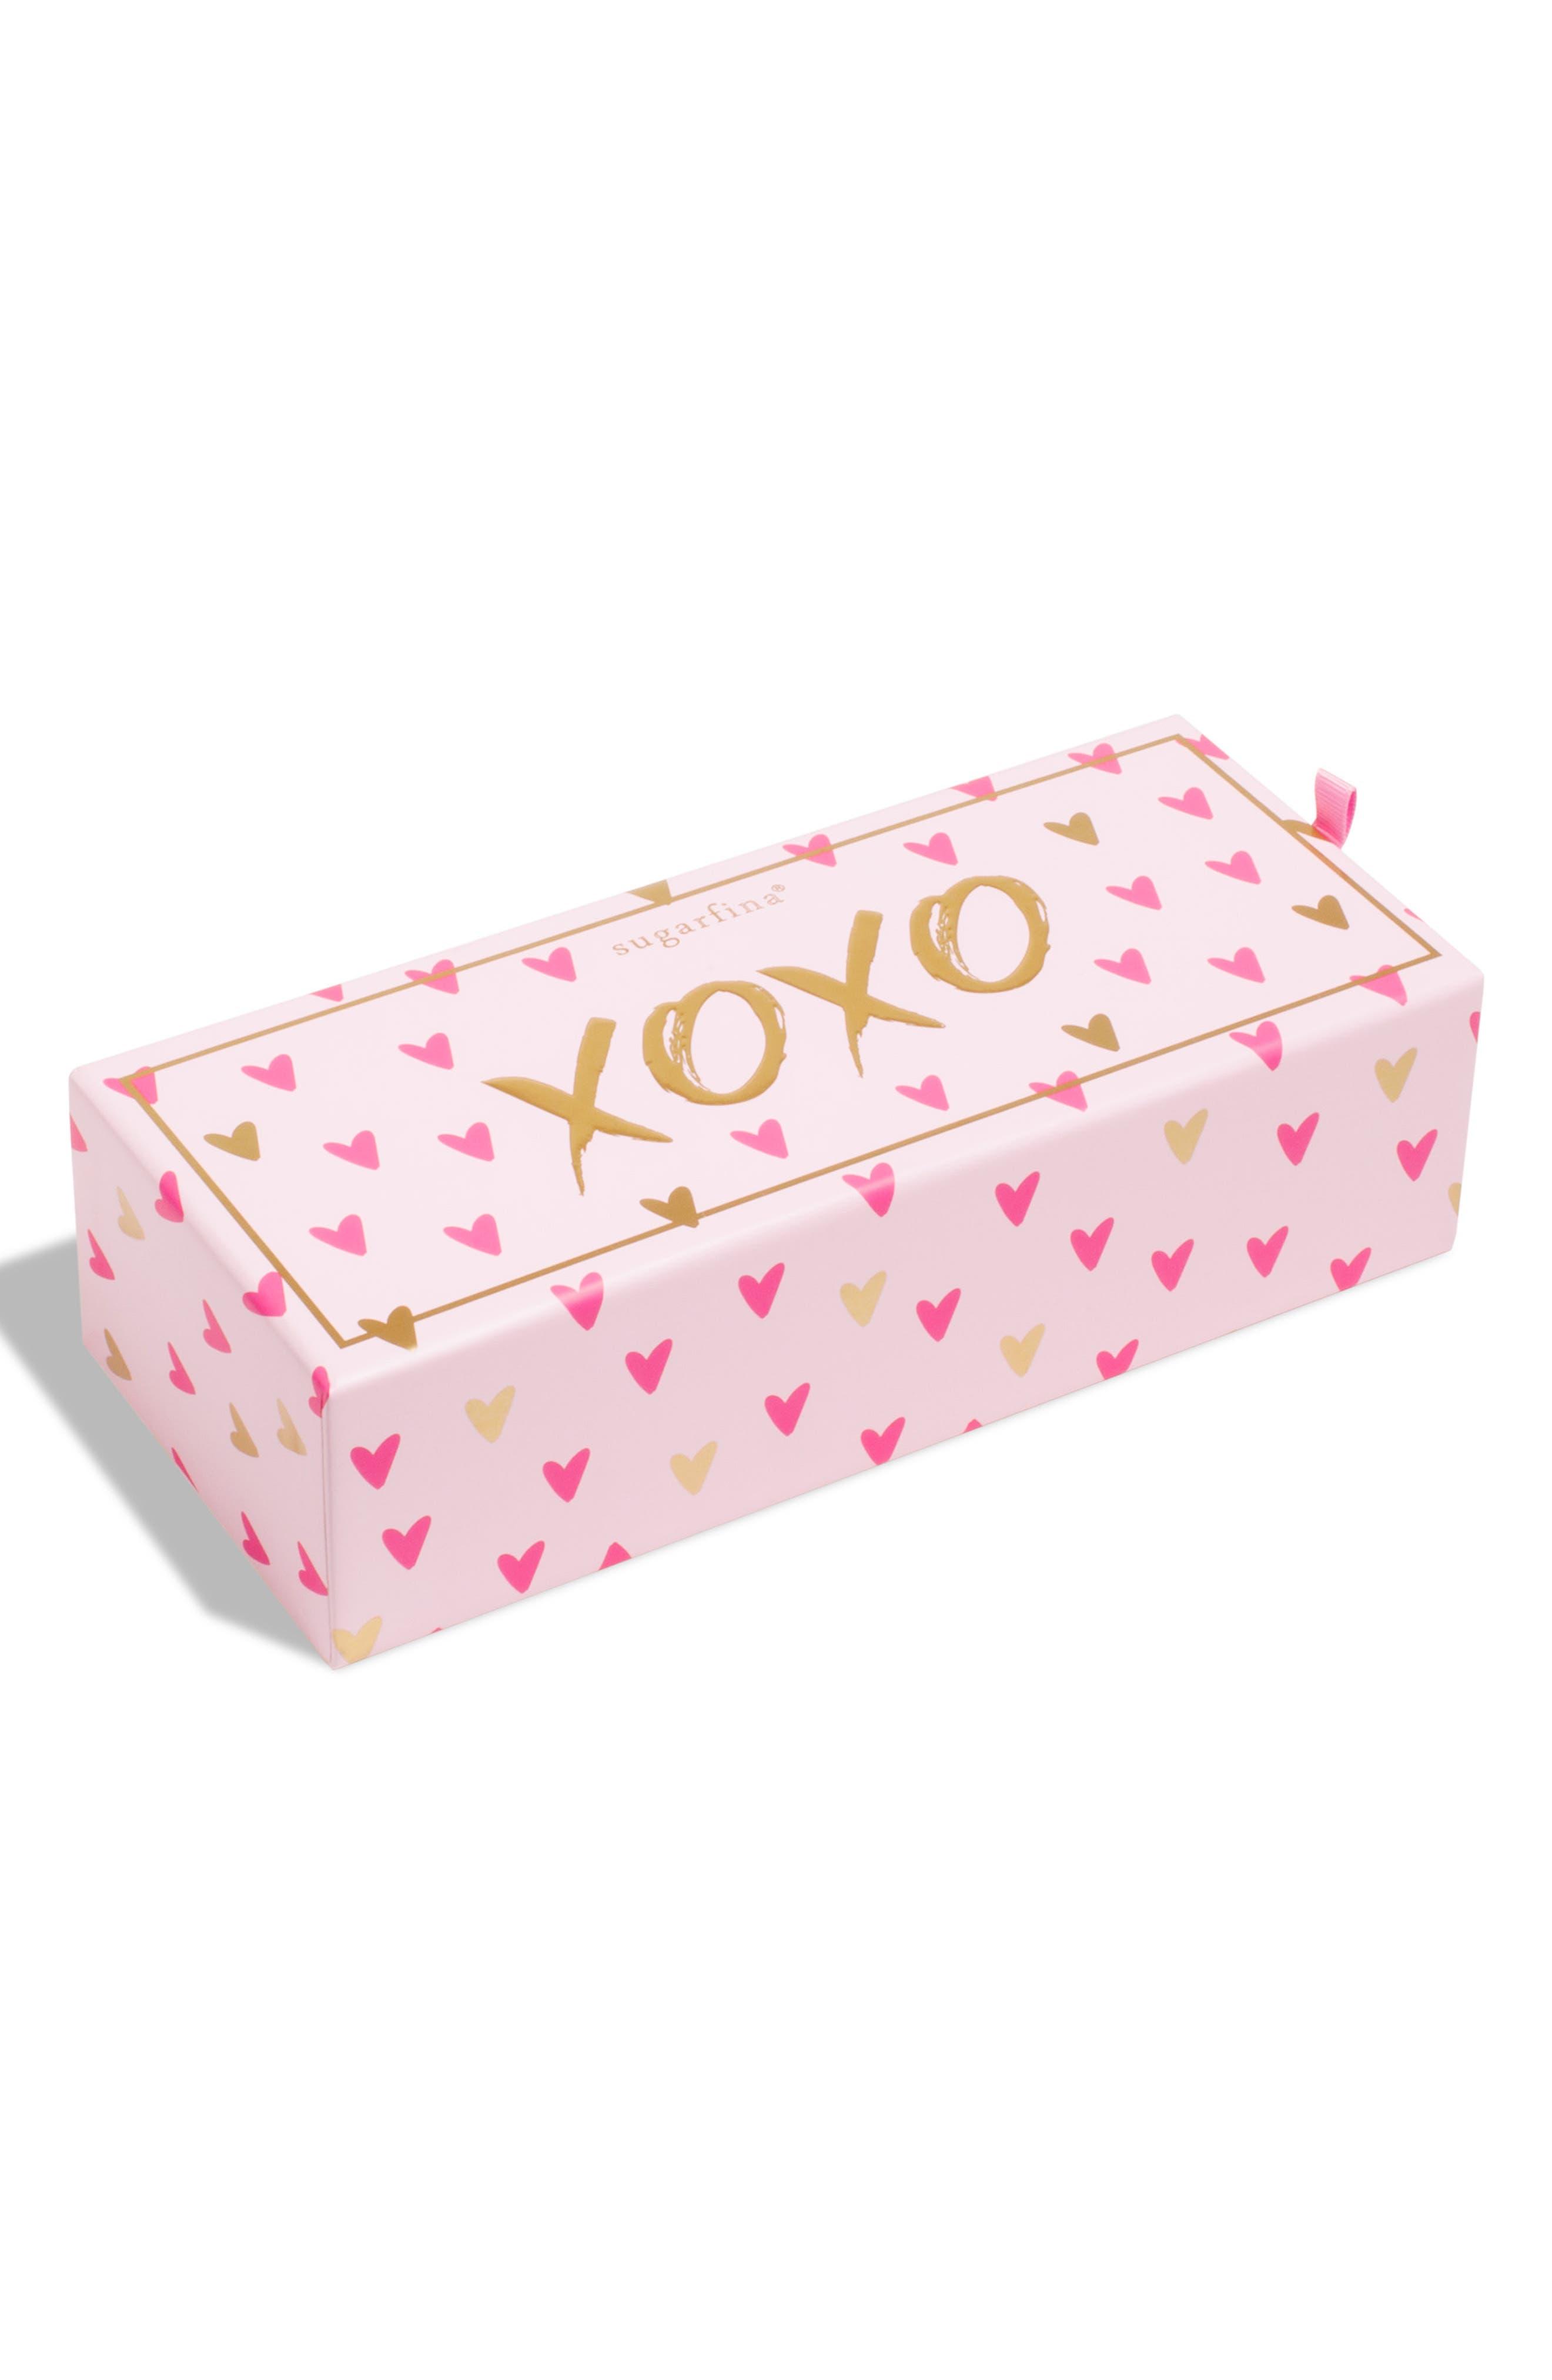 sugarfina XOXO 3-Piece Candy Bento Box | Nordstrom